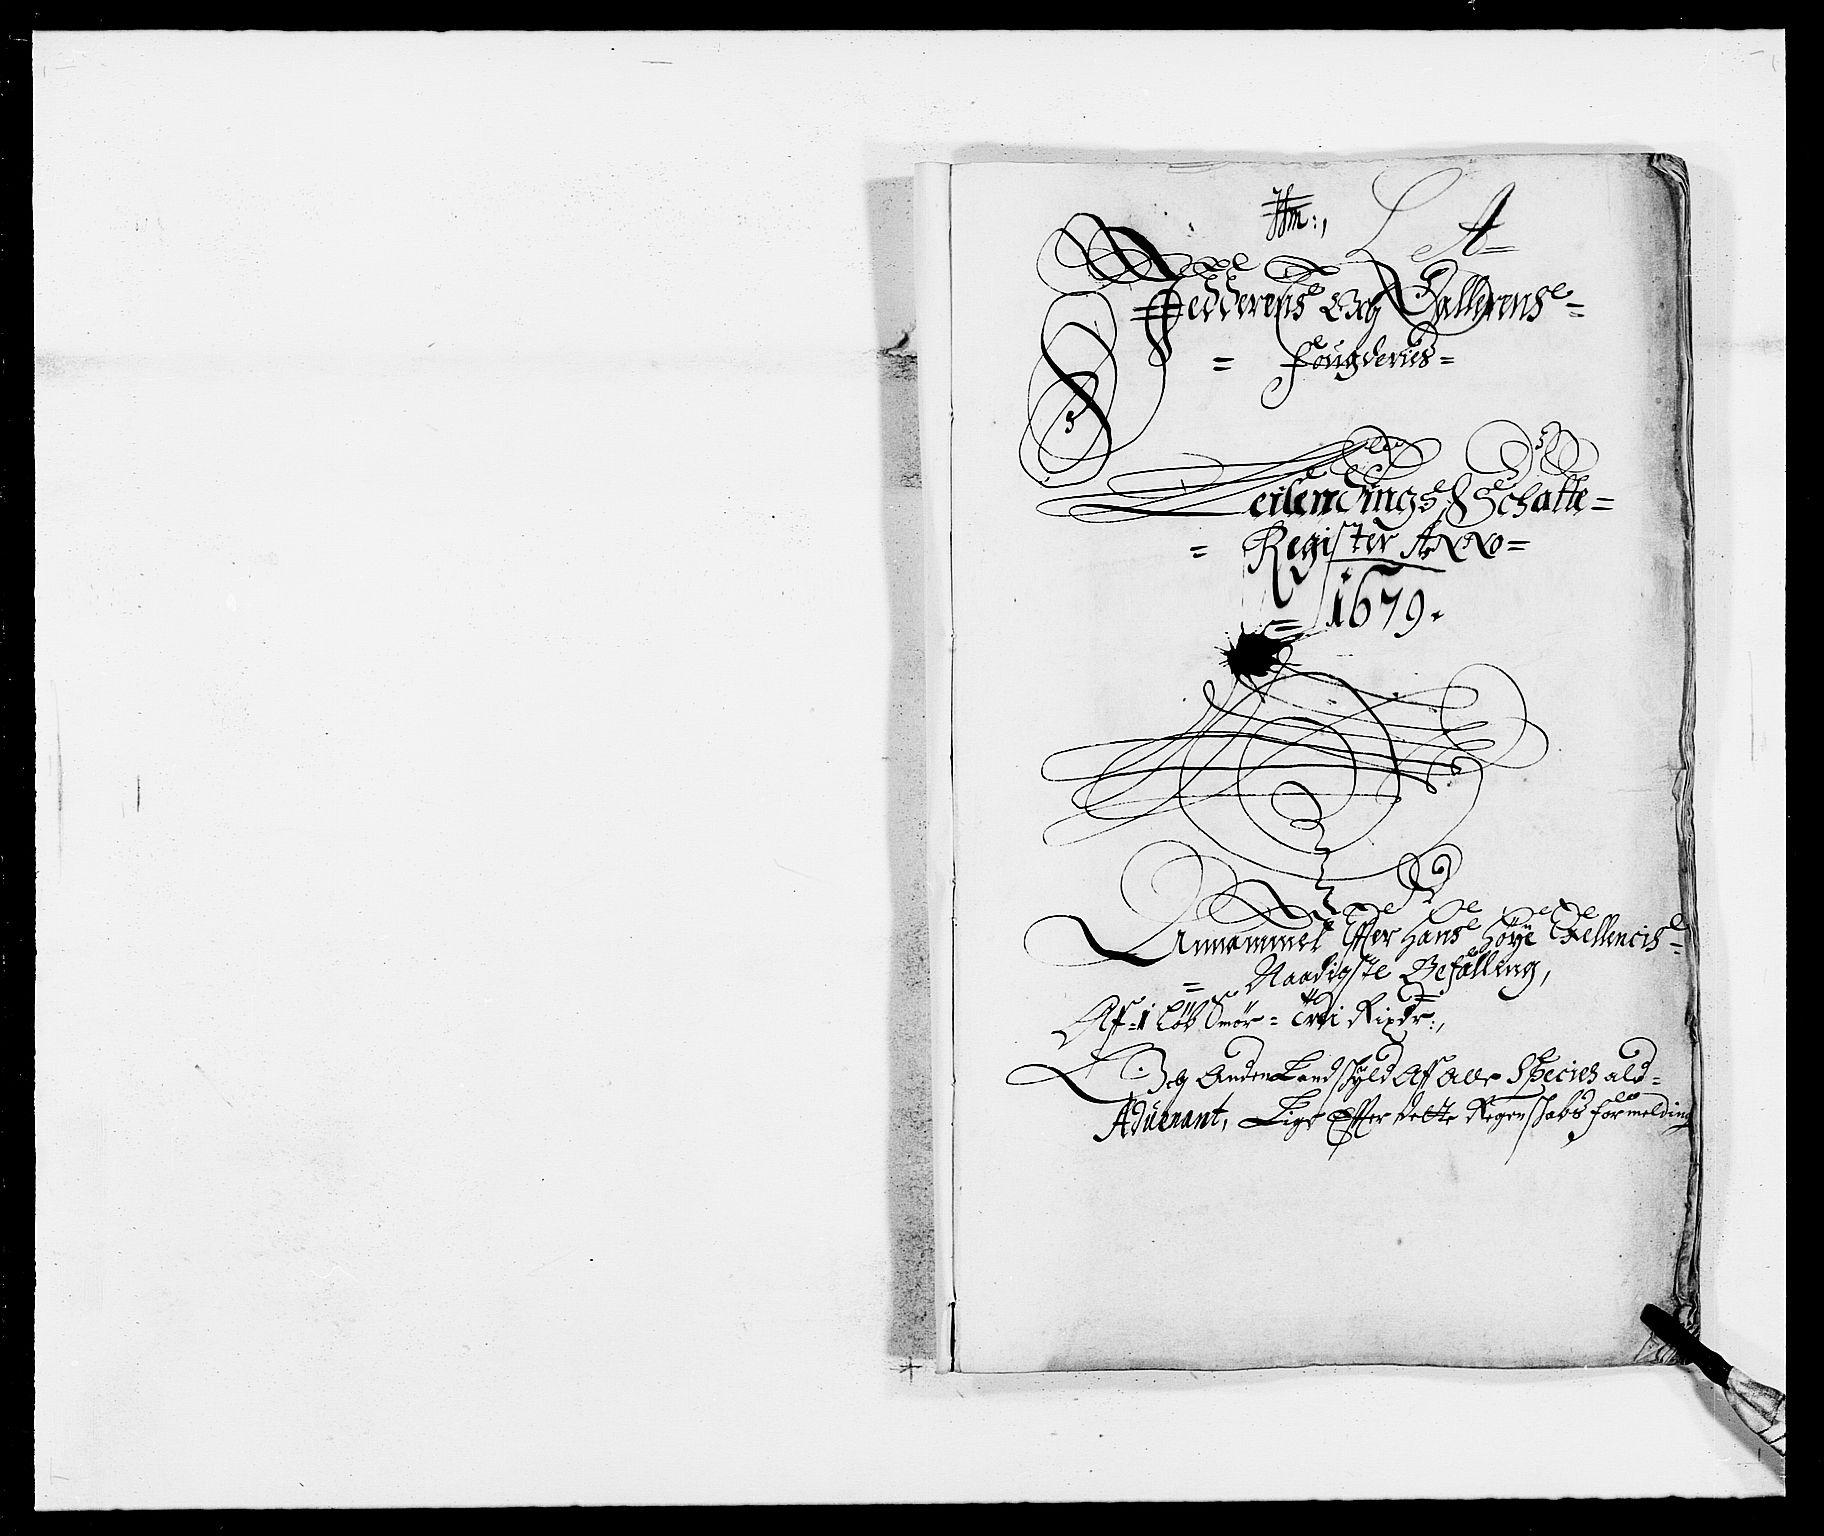 RA, Rentekammeret inntil 1814, Reviderte regnskaper, Fogderegnskap, R46/L2719: Fogderegnskap Jæren og Dalane, 1679, s. 1